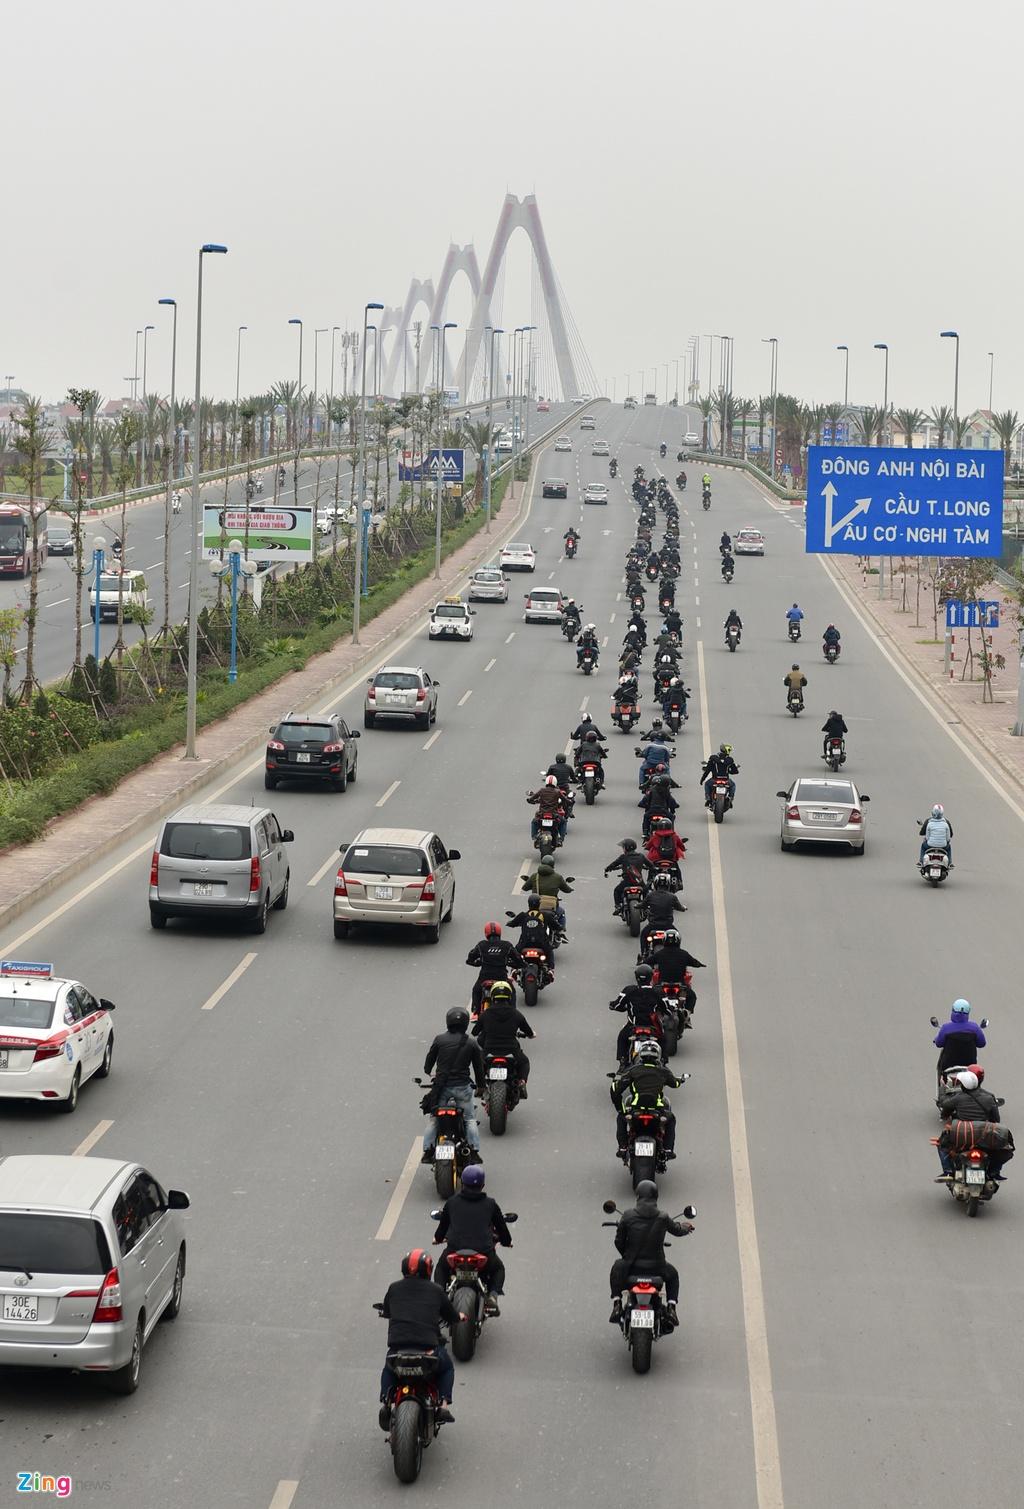 MC Anh Tuan dan 160 moto dieu hanh tuong nho Tran Lap hinh anh 5